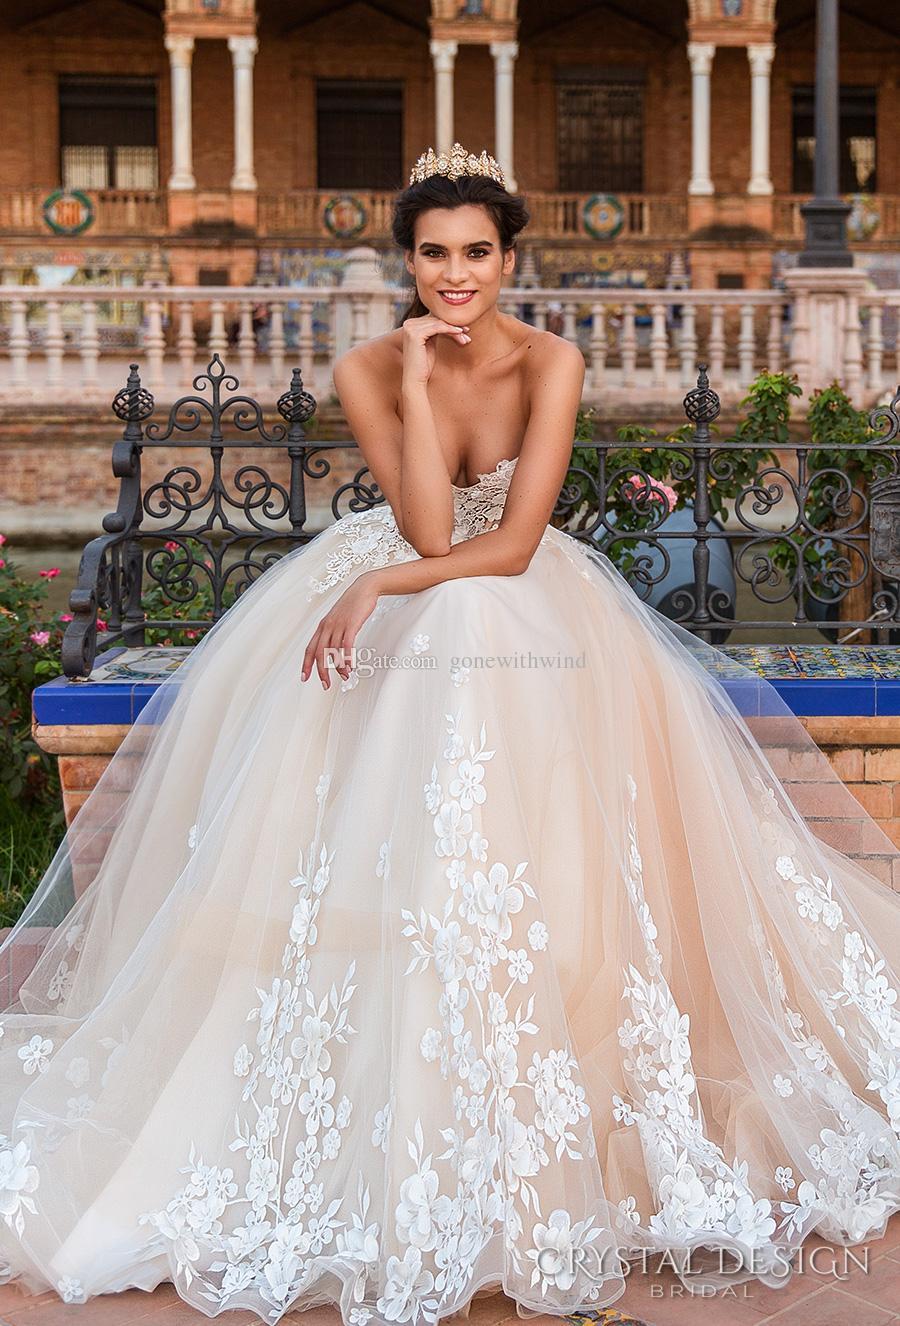 Extrêmement Acquista Principessa Corsetto Abiti Da Sposa Abito Da Ballo 2017  IR27